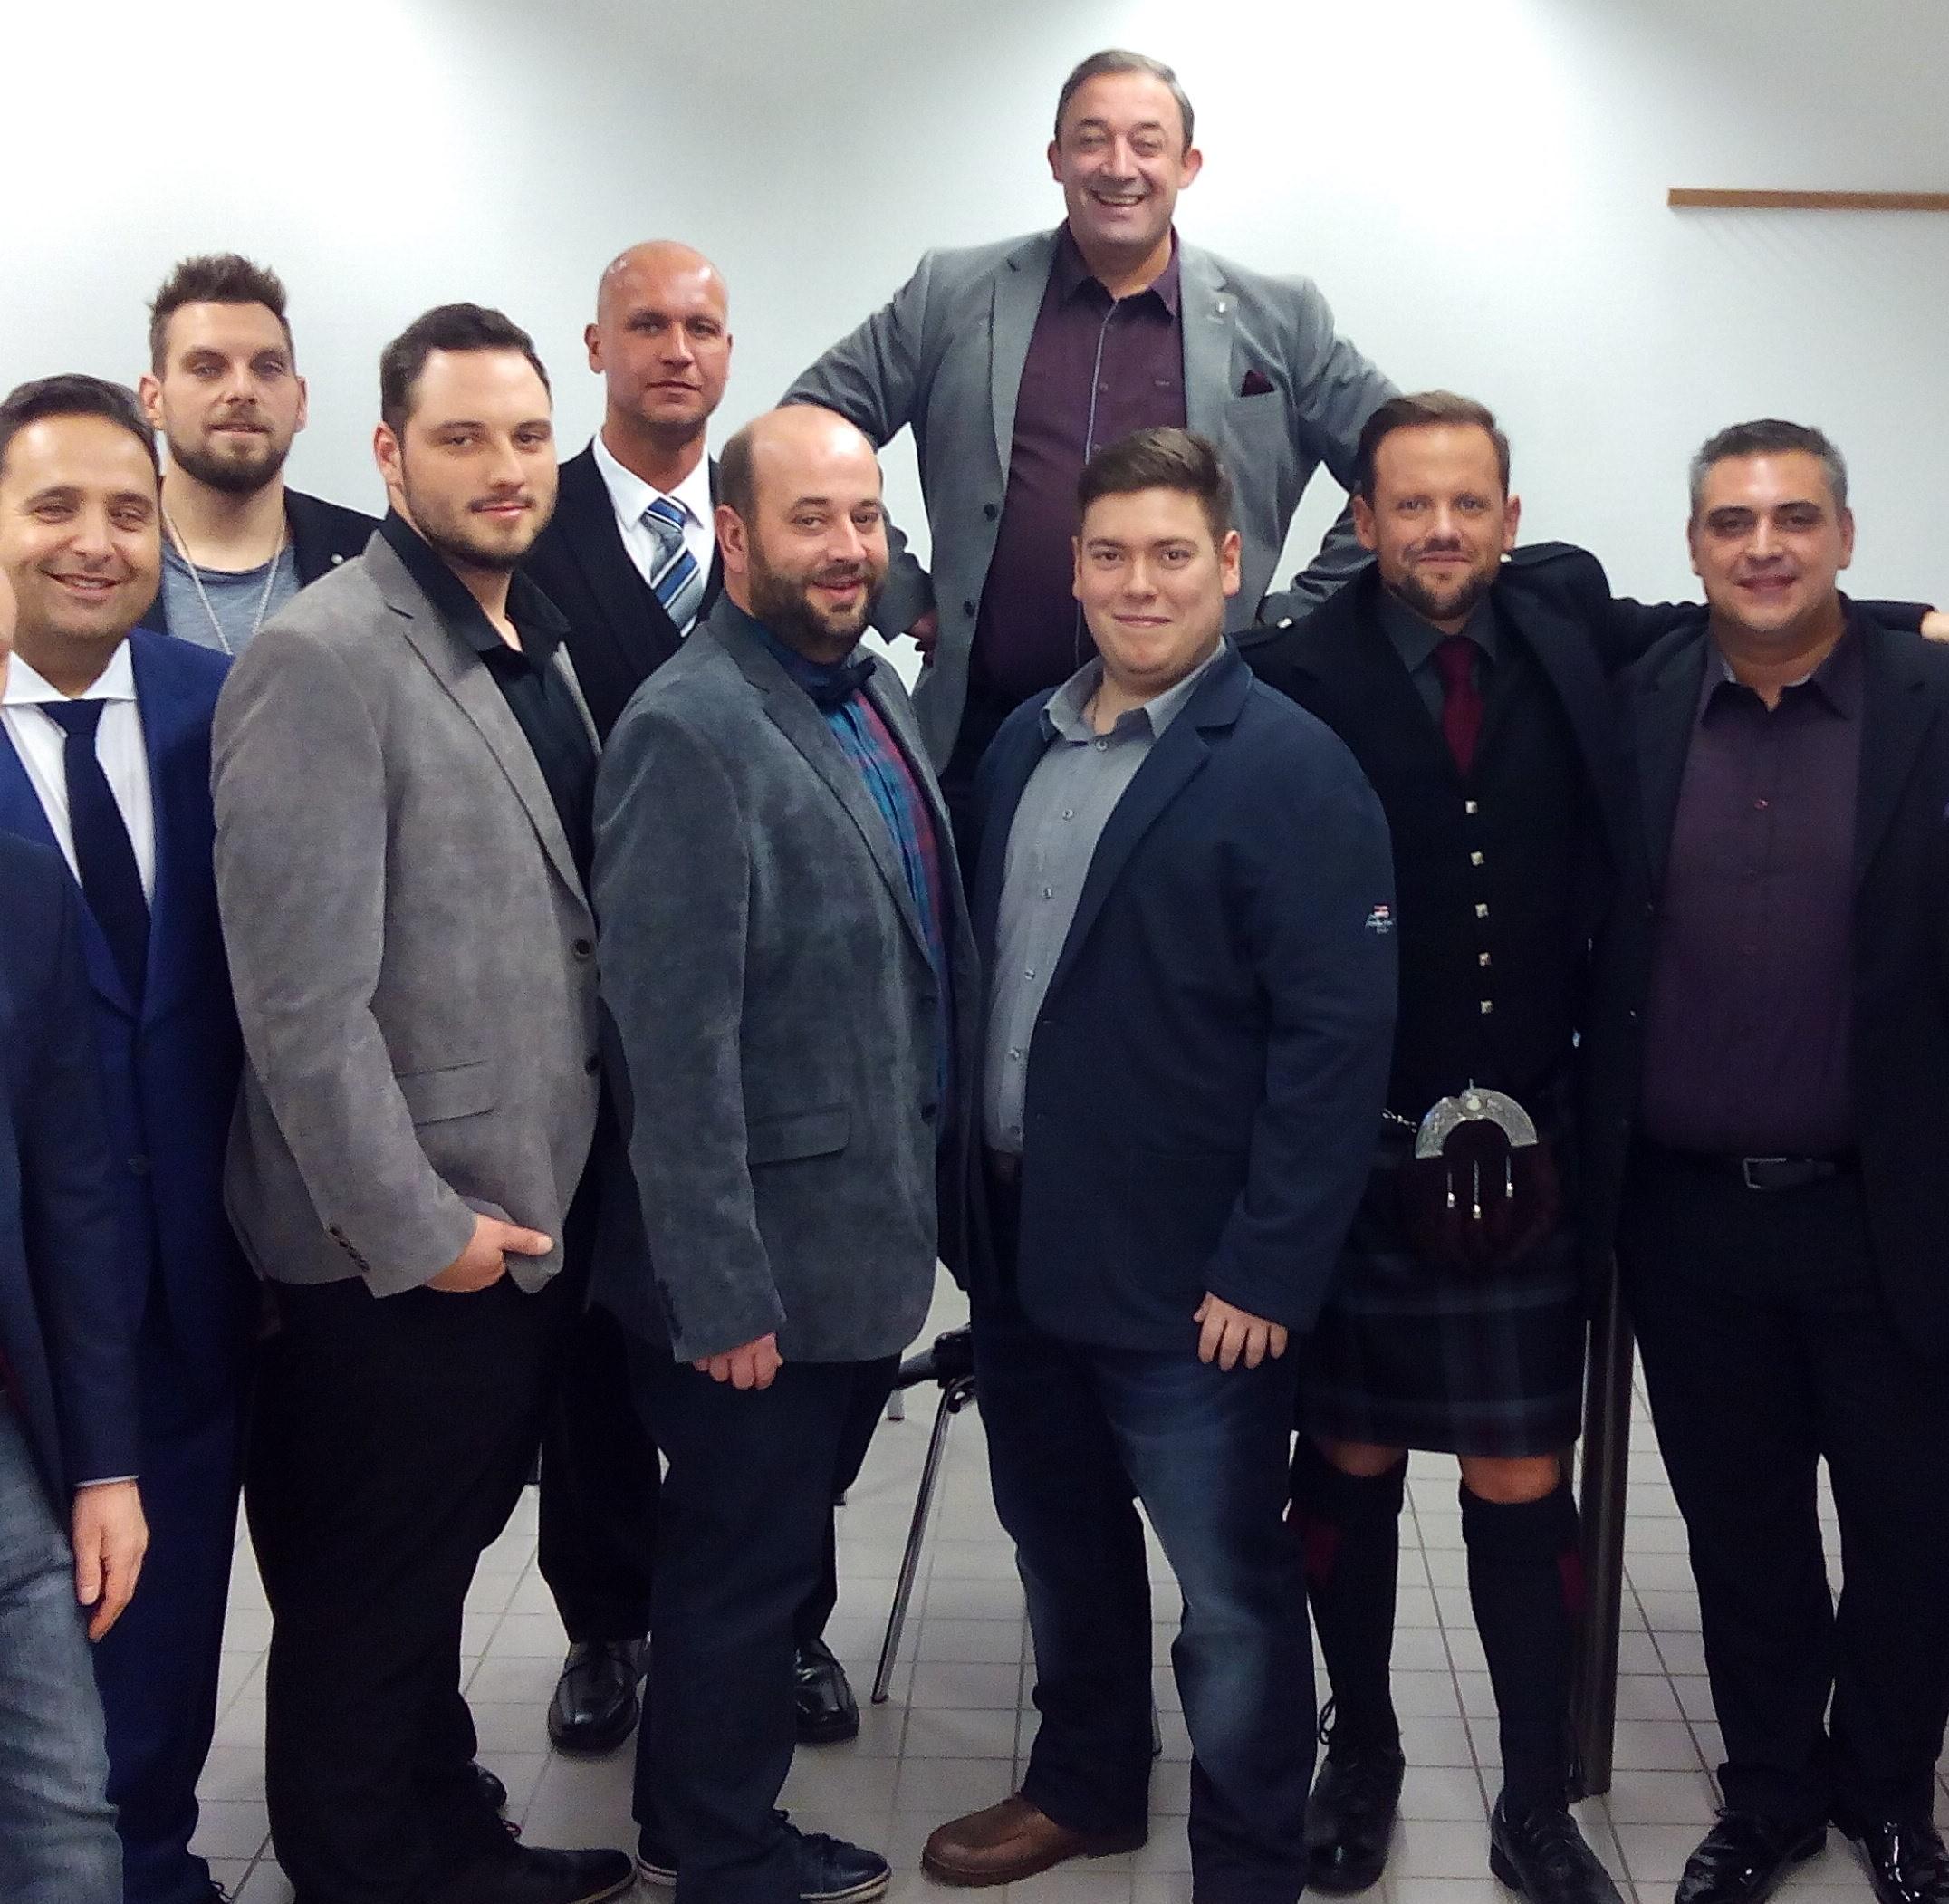 Kandidaten The Biggest Loser 2017 - Die Herren mit ALBERT KREUZ Shape-Unterhemd